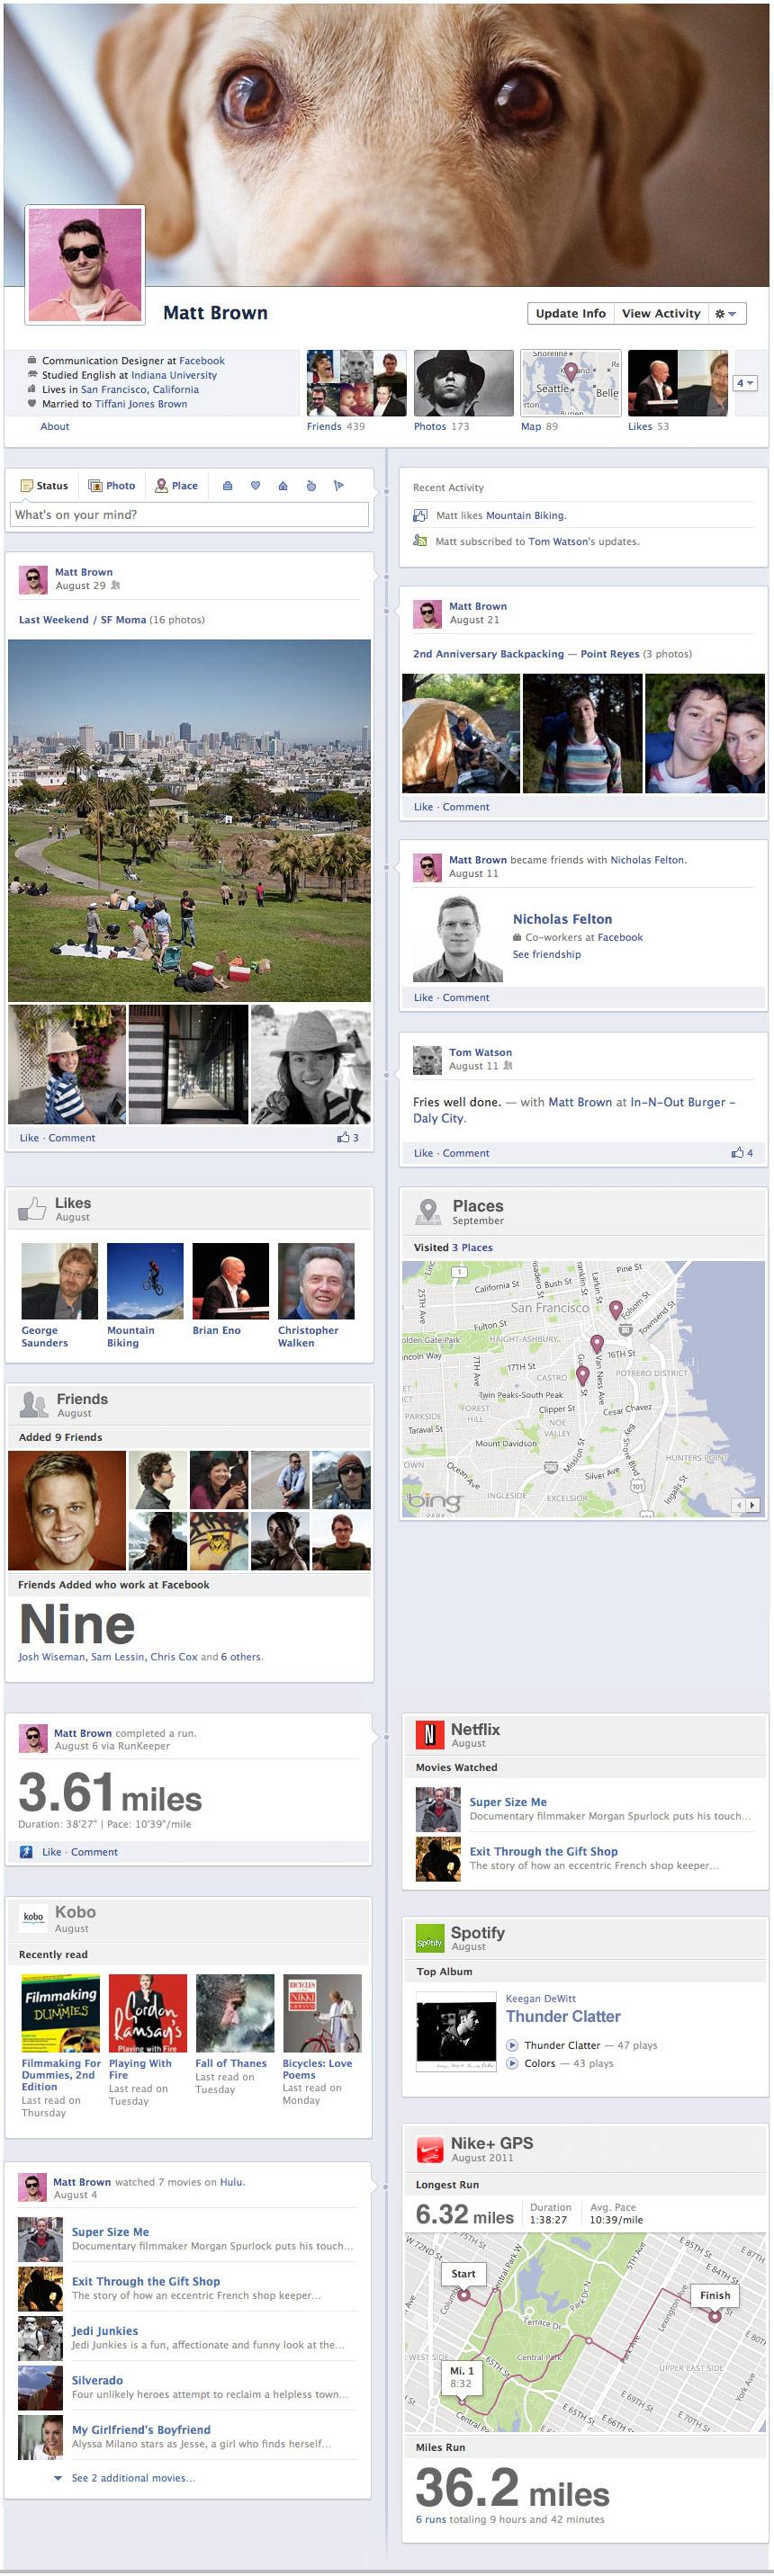 New Facebook Profile Timeline Design Complete